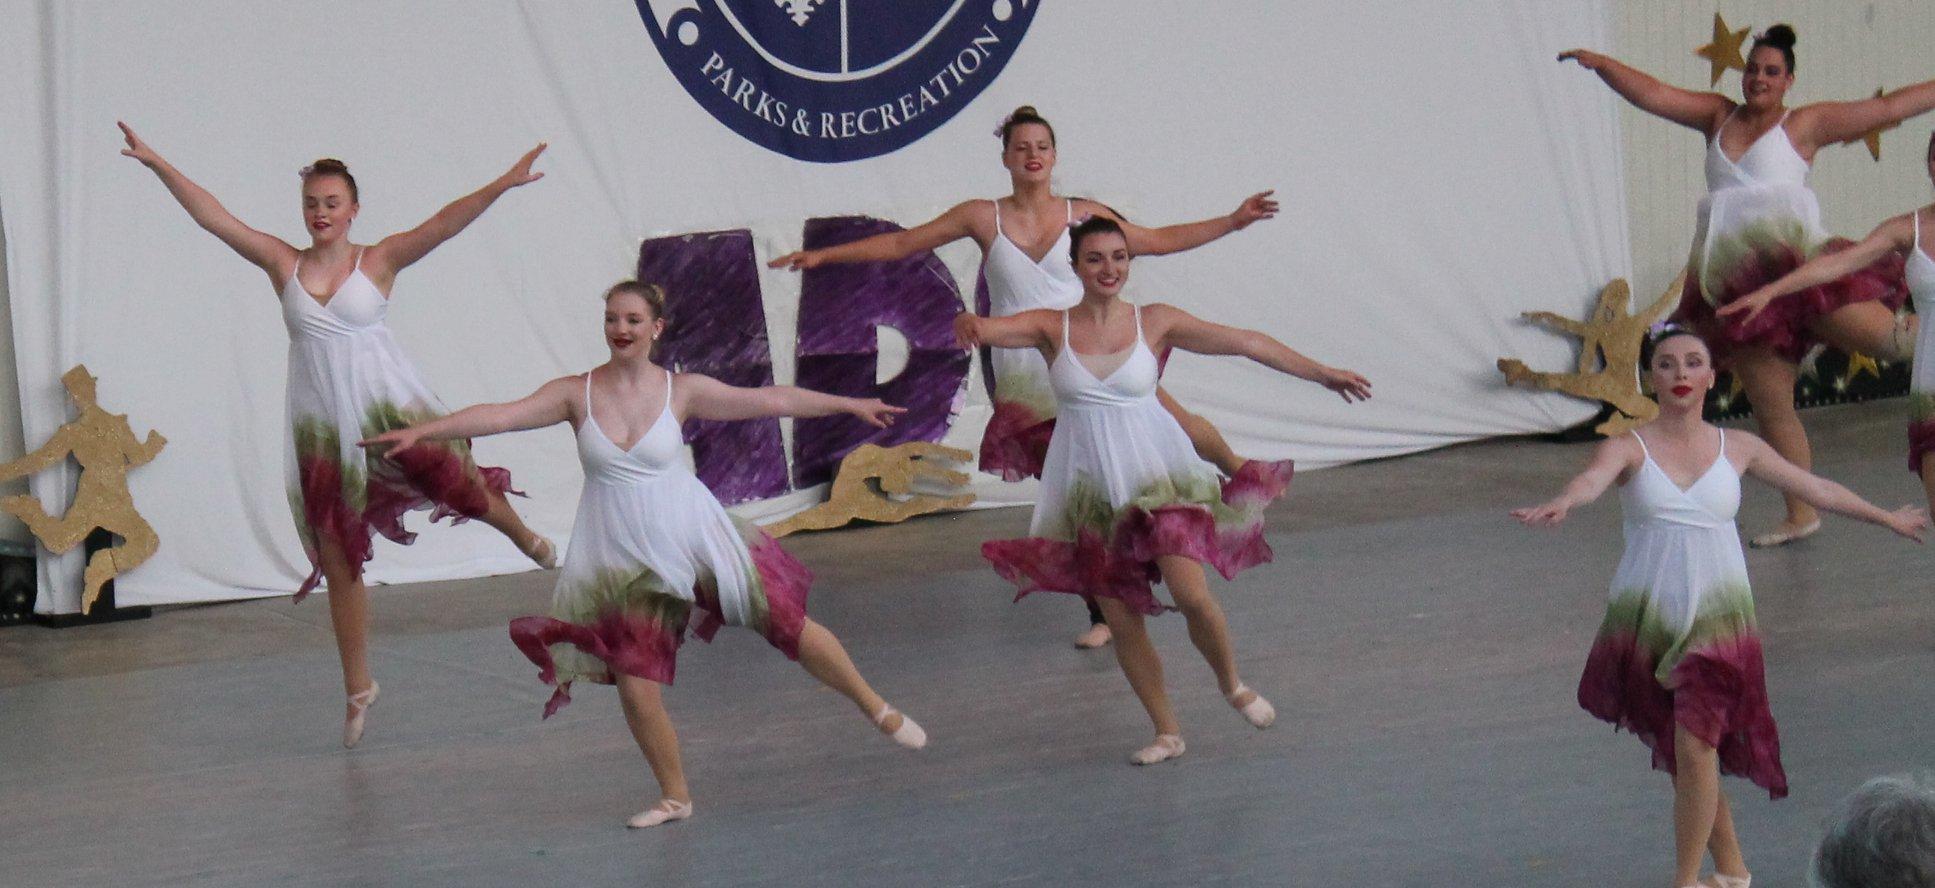 Silver-ballet